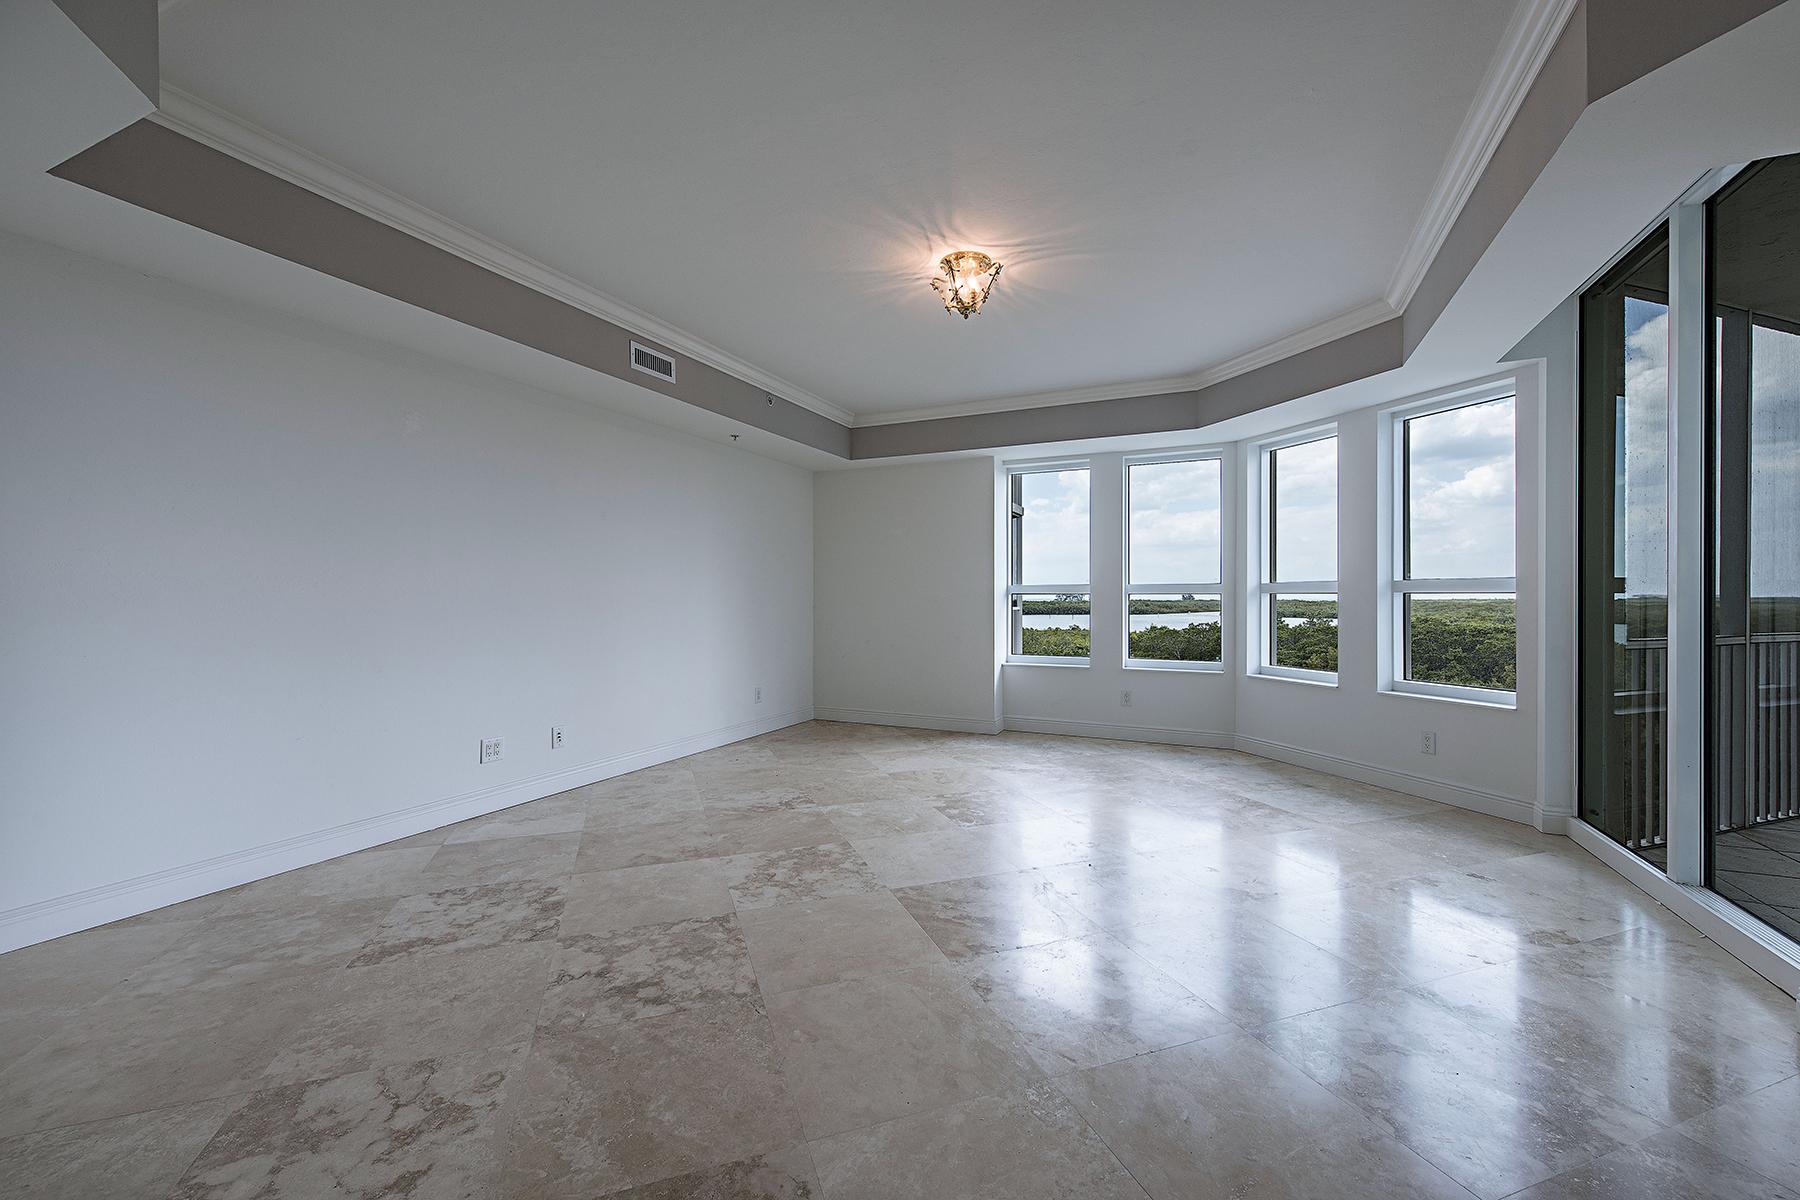 Condominium for Sale at THE DUNES - GRANDE EXCELSIOR 285 Grande Way 506 Naples, Florida, 34110 United States